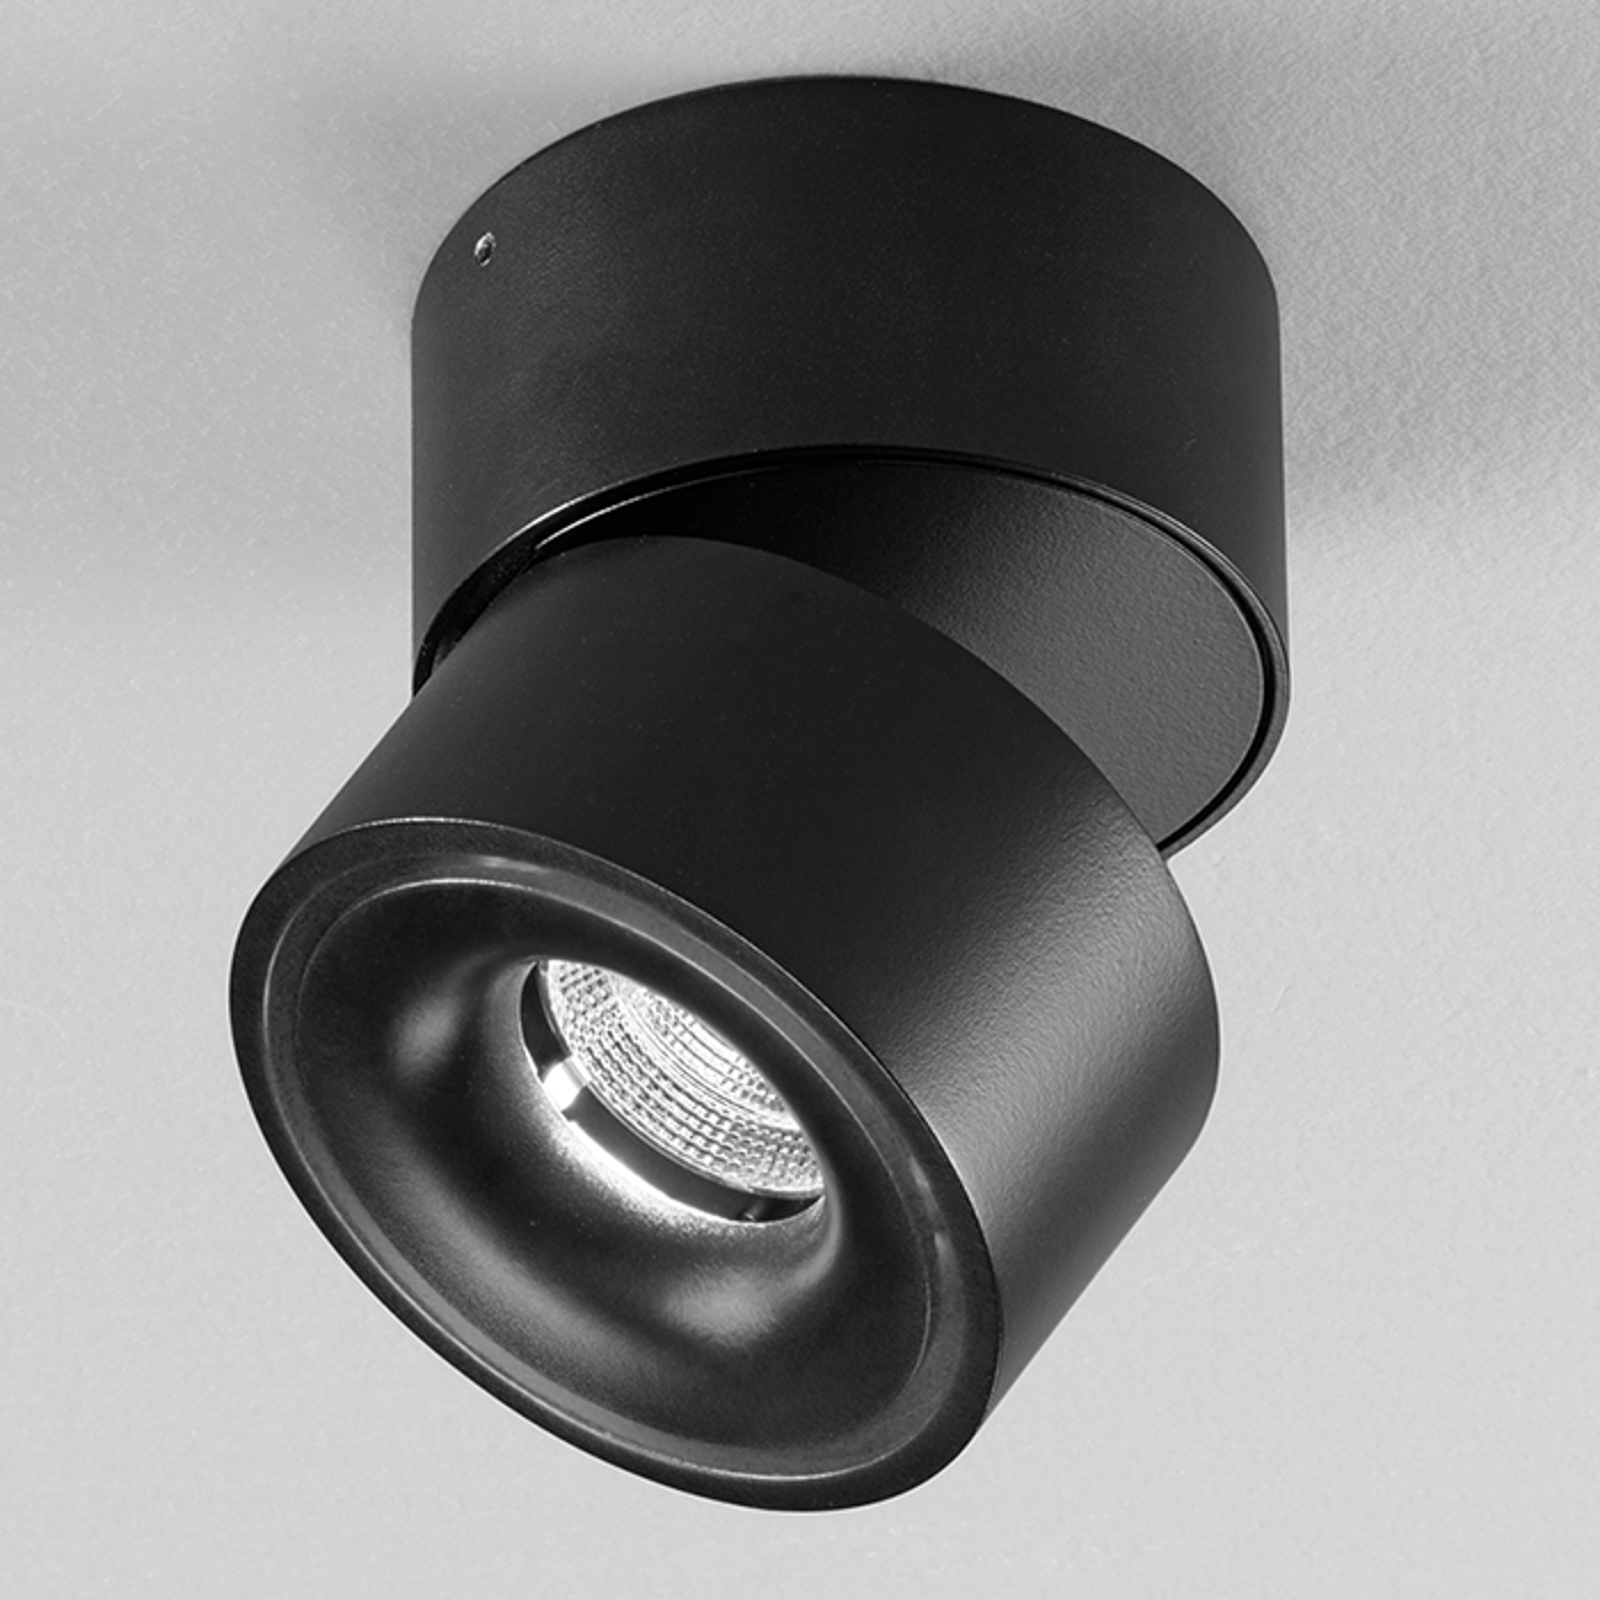 Clippo - zwarte LED spot uit aluminium, dimbaar